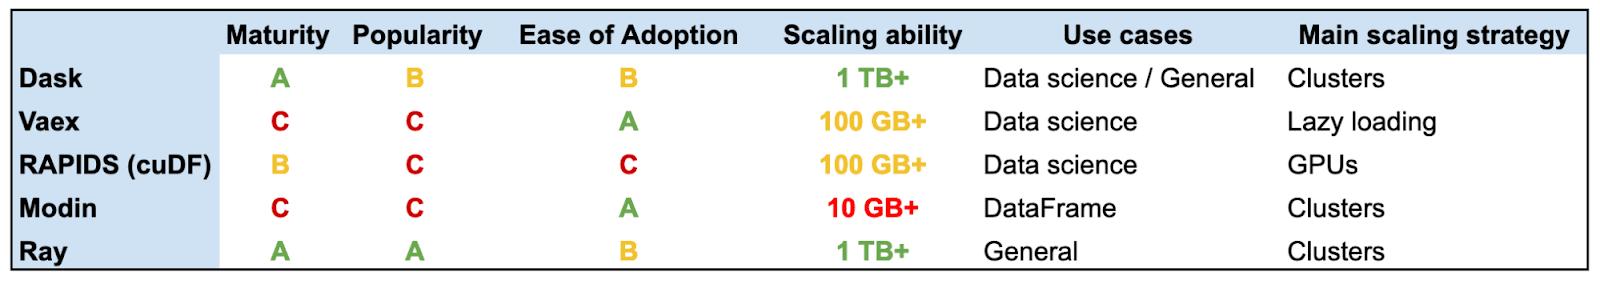 Eine Tabelle, in der die Bibliotheken bezüglich ihres Entwicklungsstandes, Popularität, Benutzerfreundlichkeit und anderen Kriterien verglichen werden.